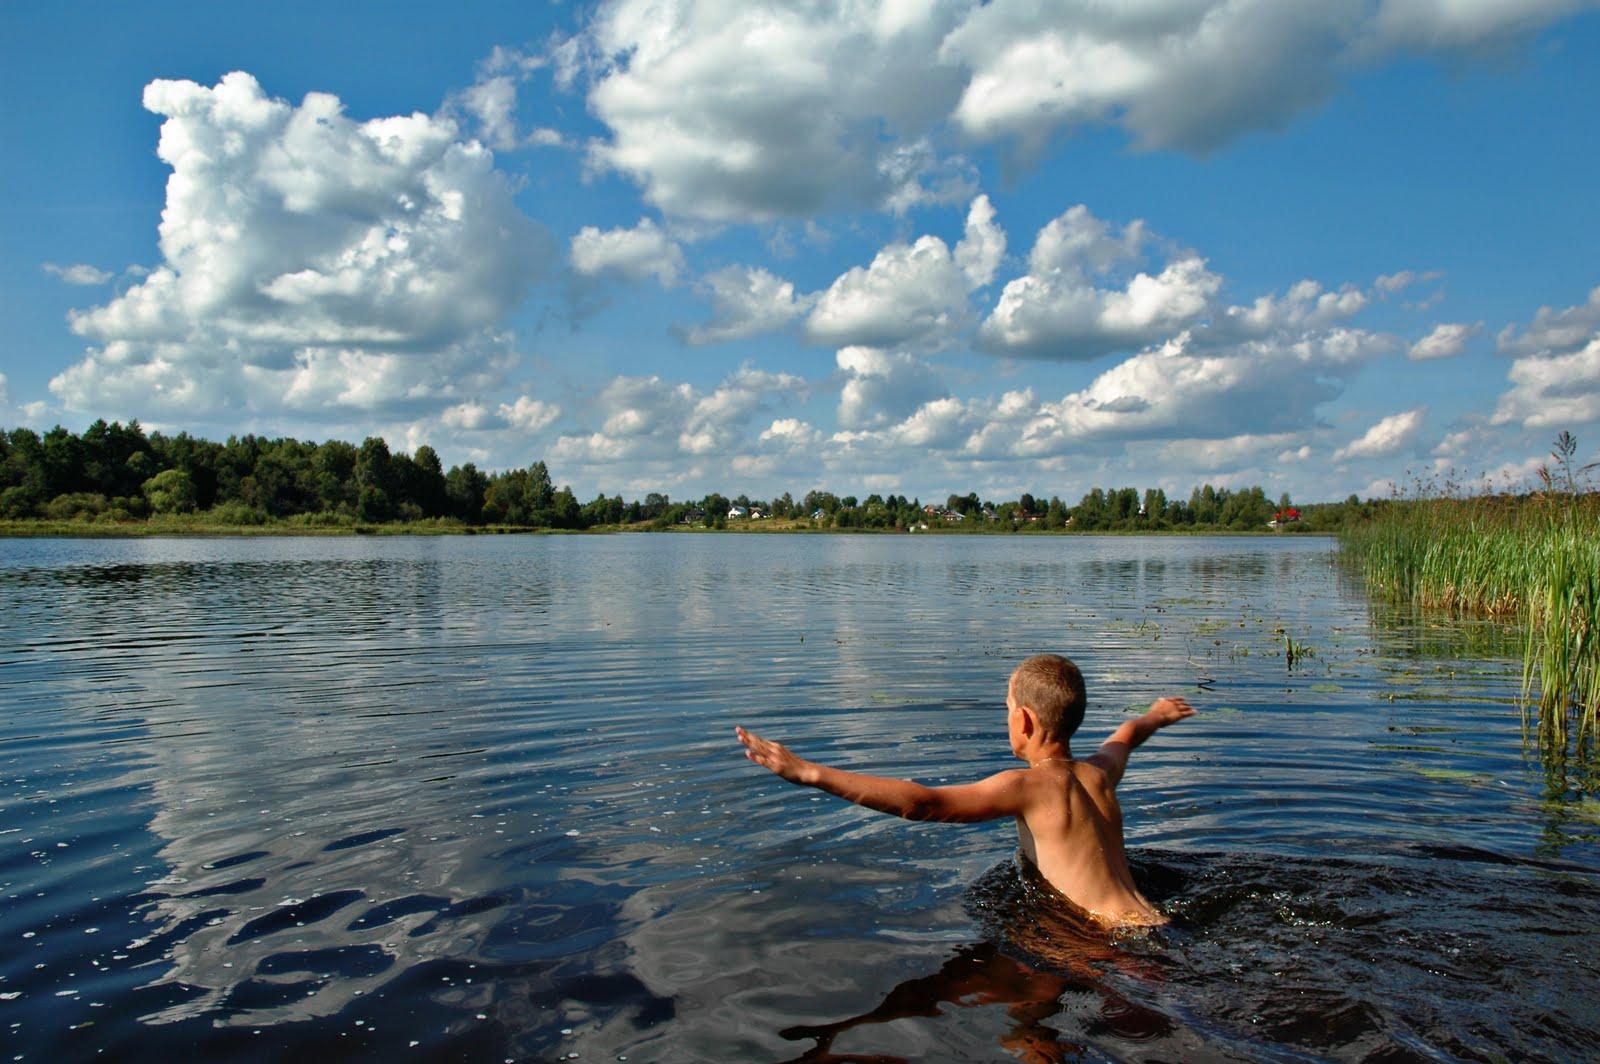 Пошла купаться на речку без купальника 11 фотография